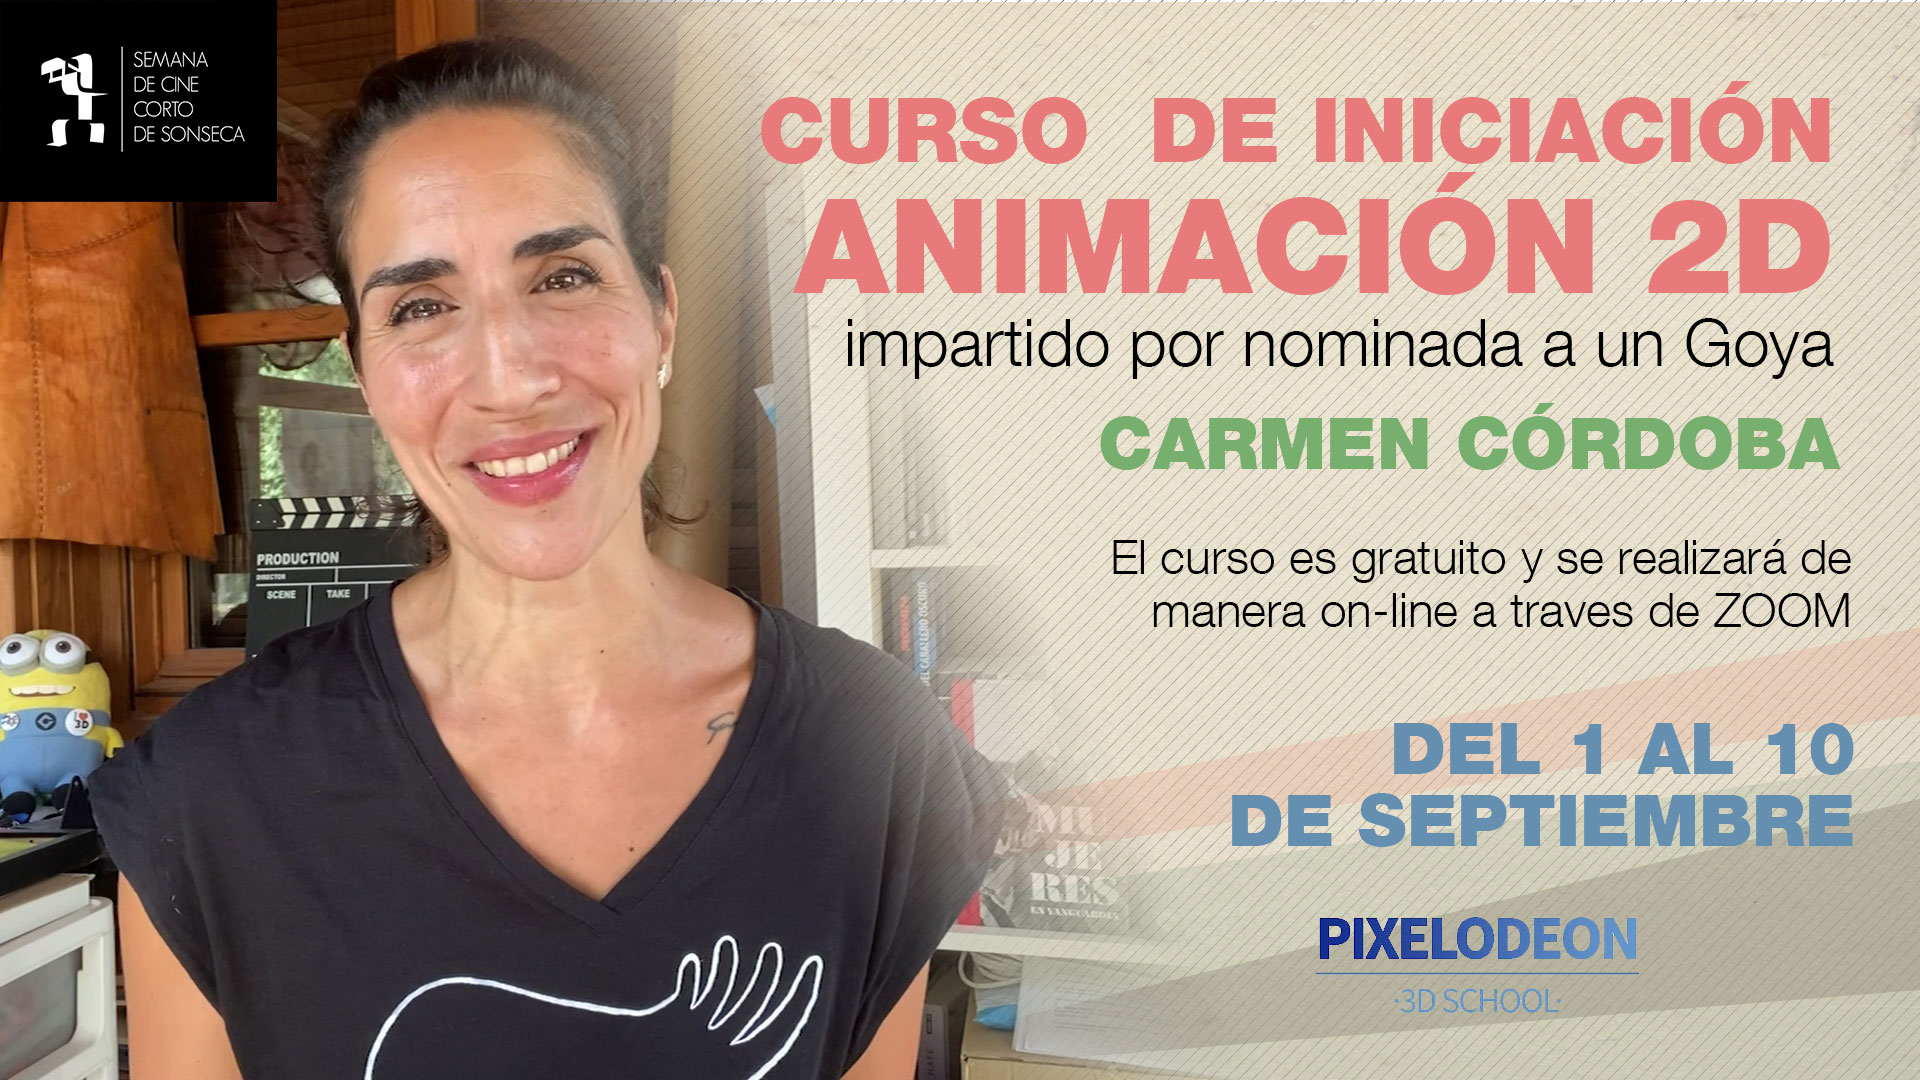 Curso de animación de Carmen Códoba